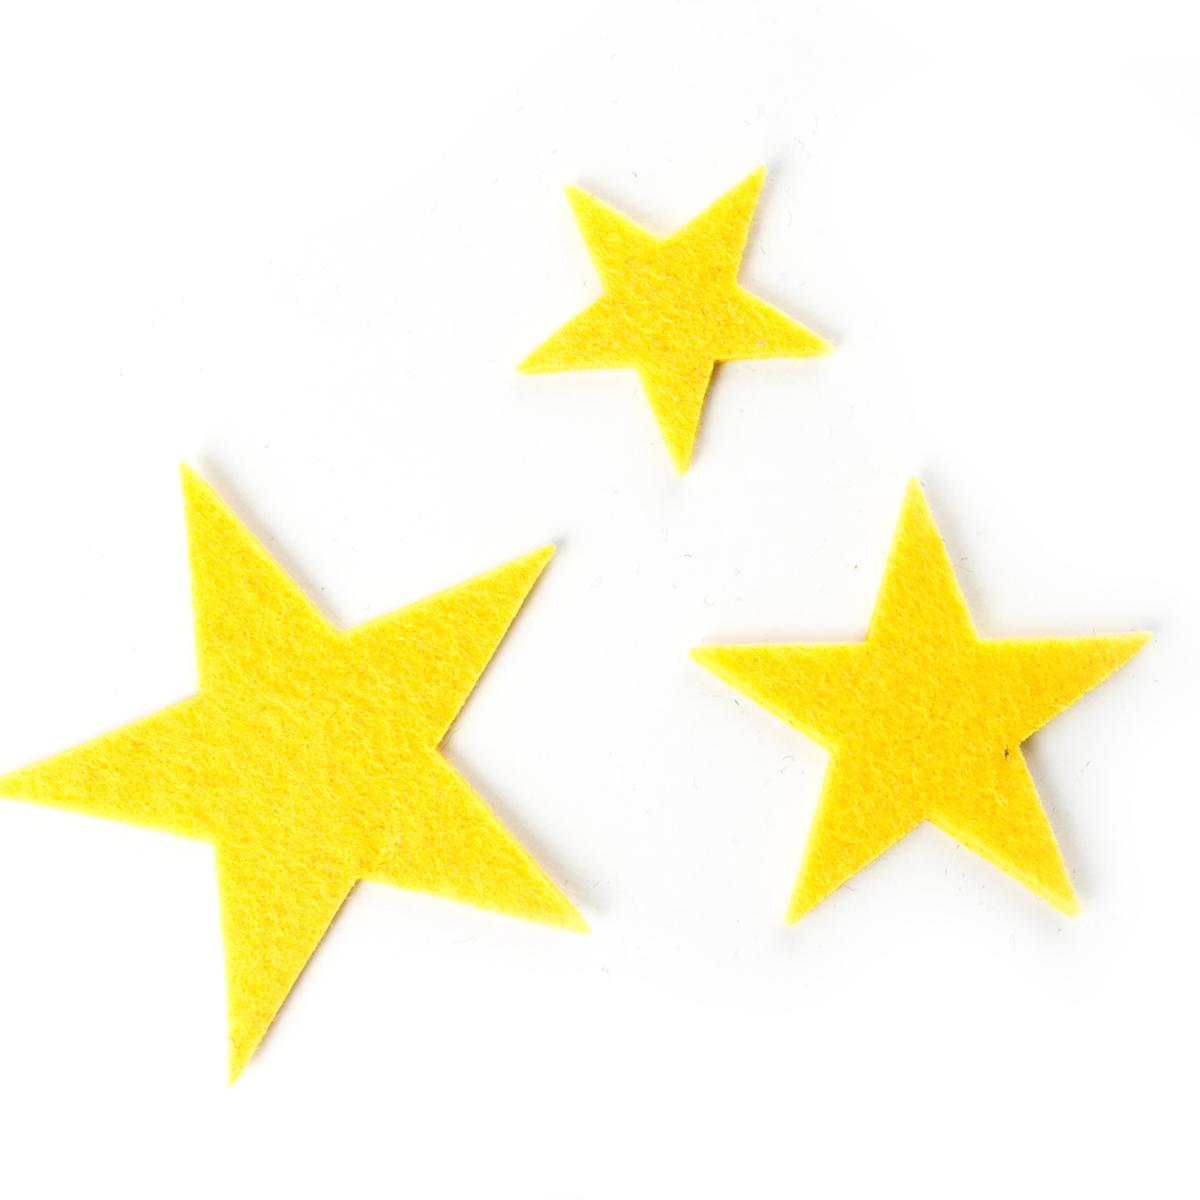 10 Filzsterne Gelb Filz Sterne Streuteile 3mm Dick